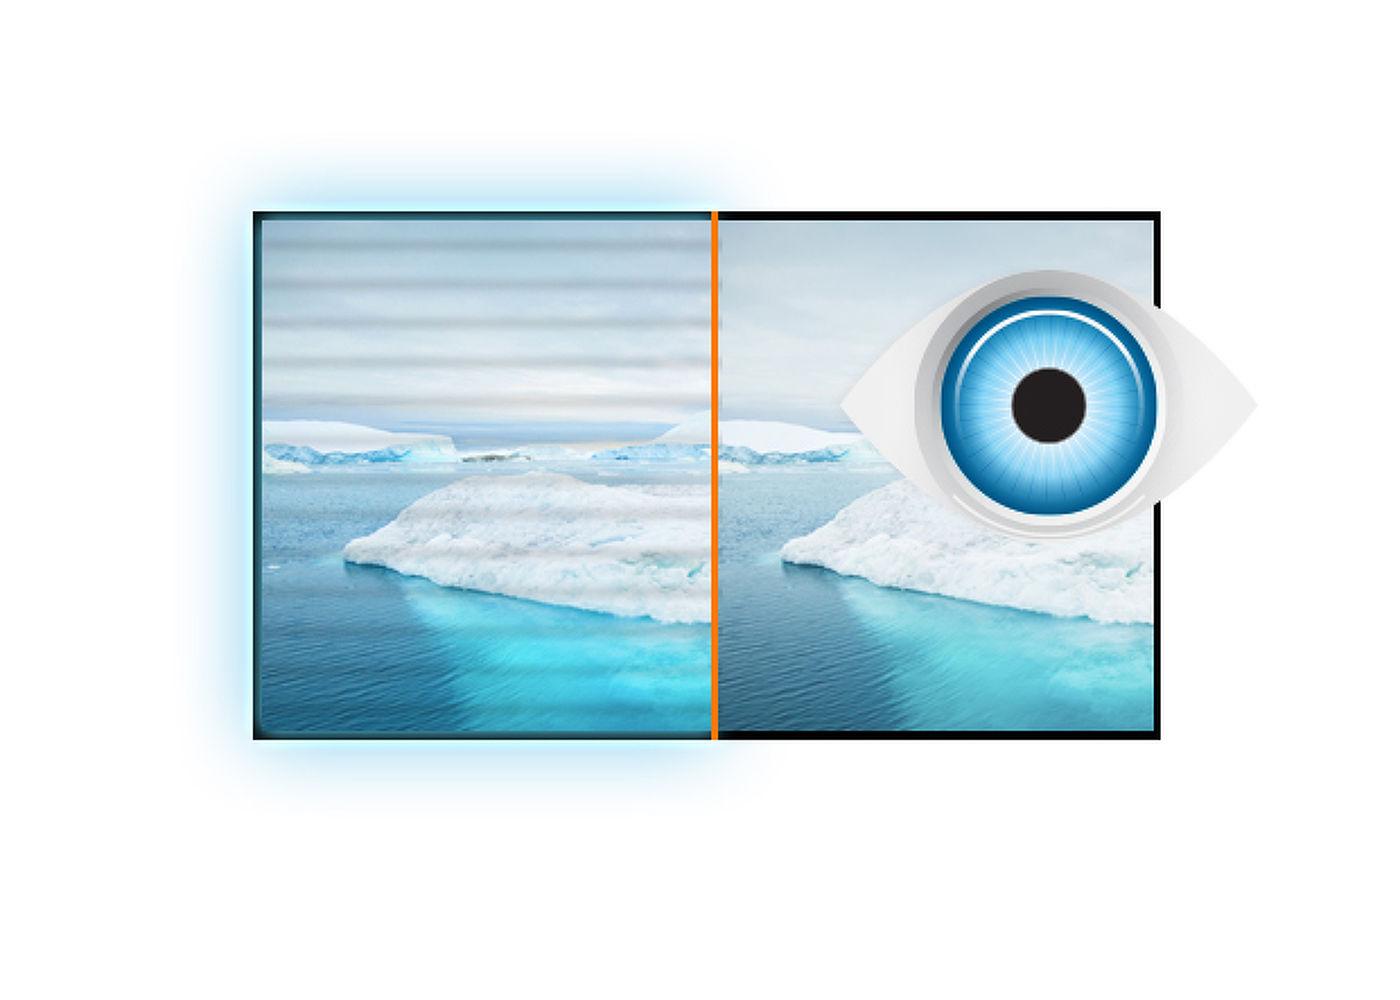 ecran pc bureautique 19.5 led e2083hsd b1 Flicker-Free